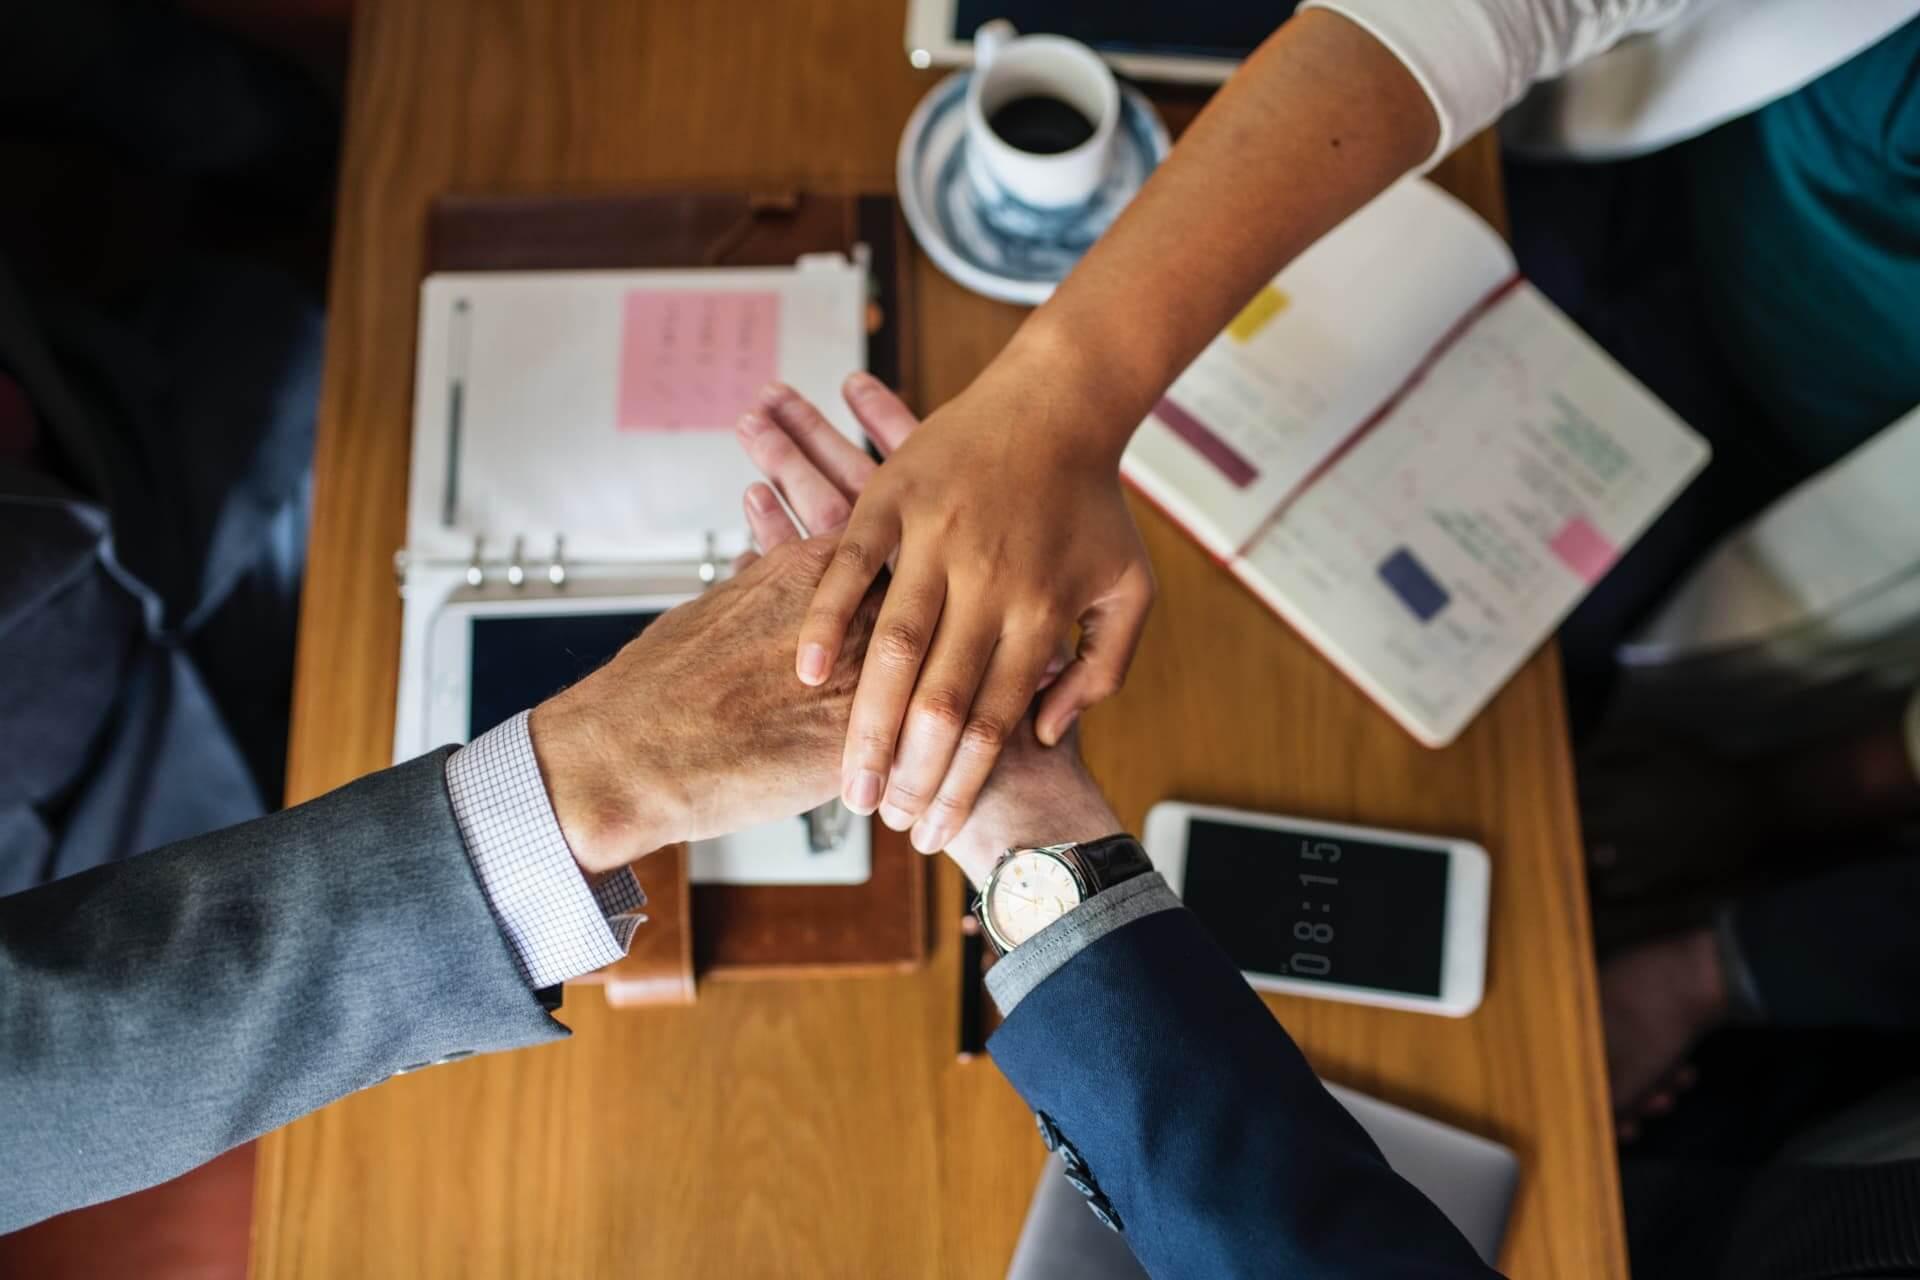 Equipe unida e funcionários motivados